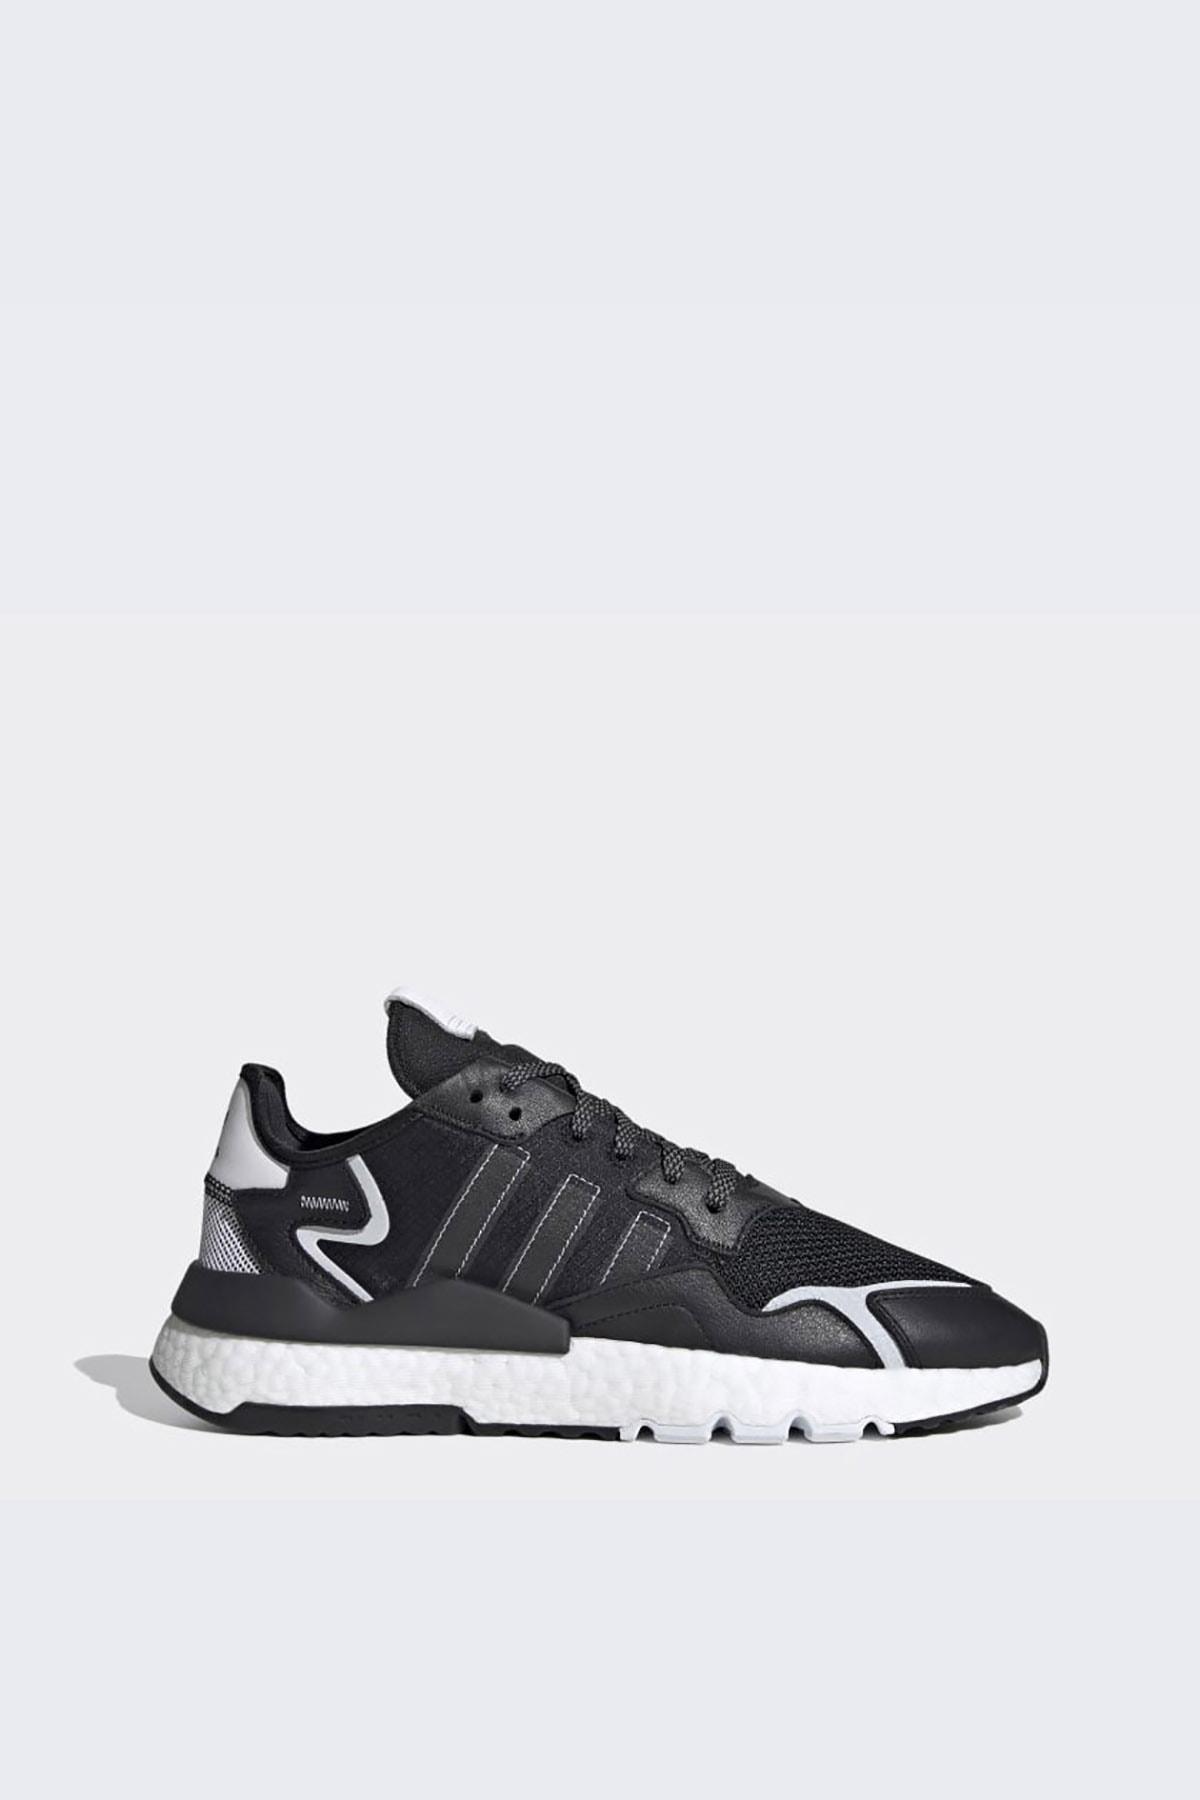 adidas Erkek Günlük Spor Ayakkabı Nite Jogger Fw2055 1